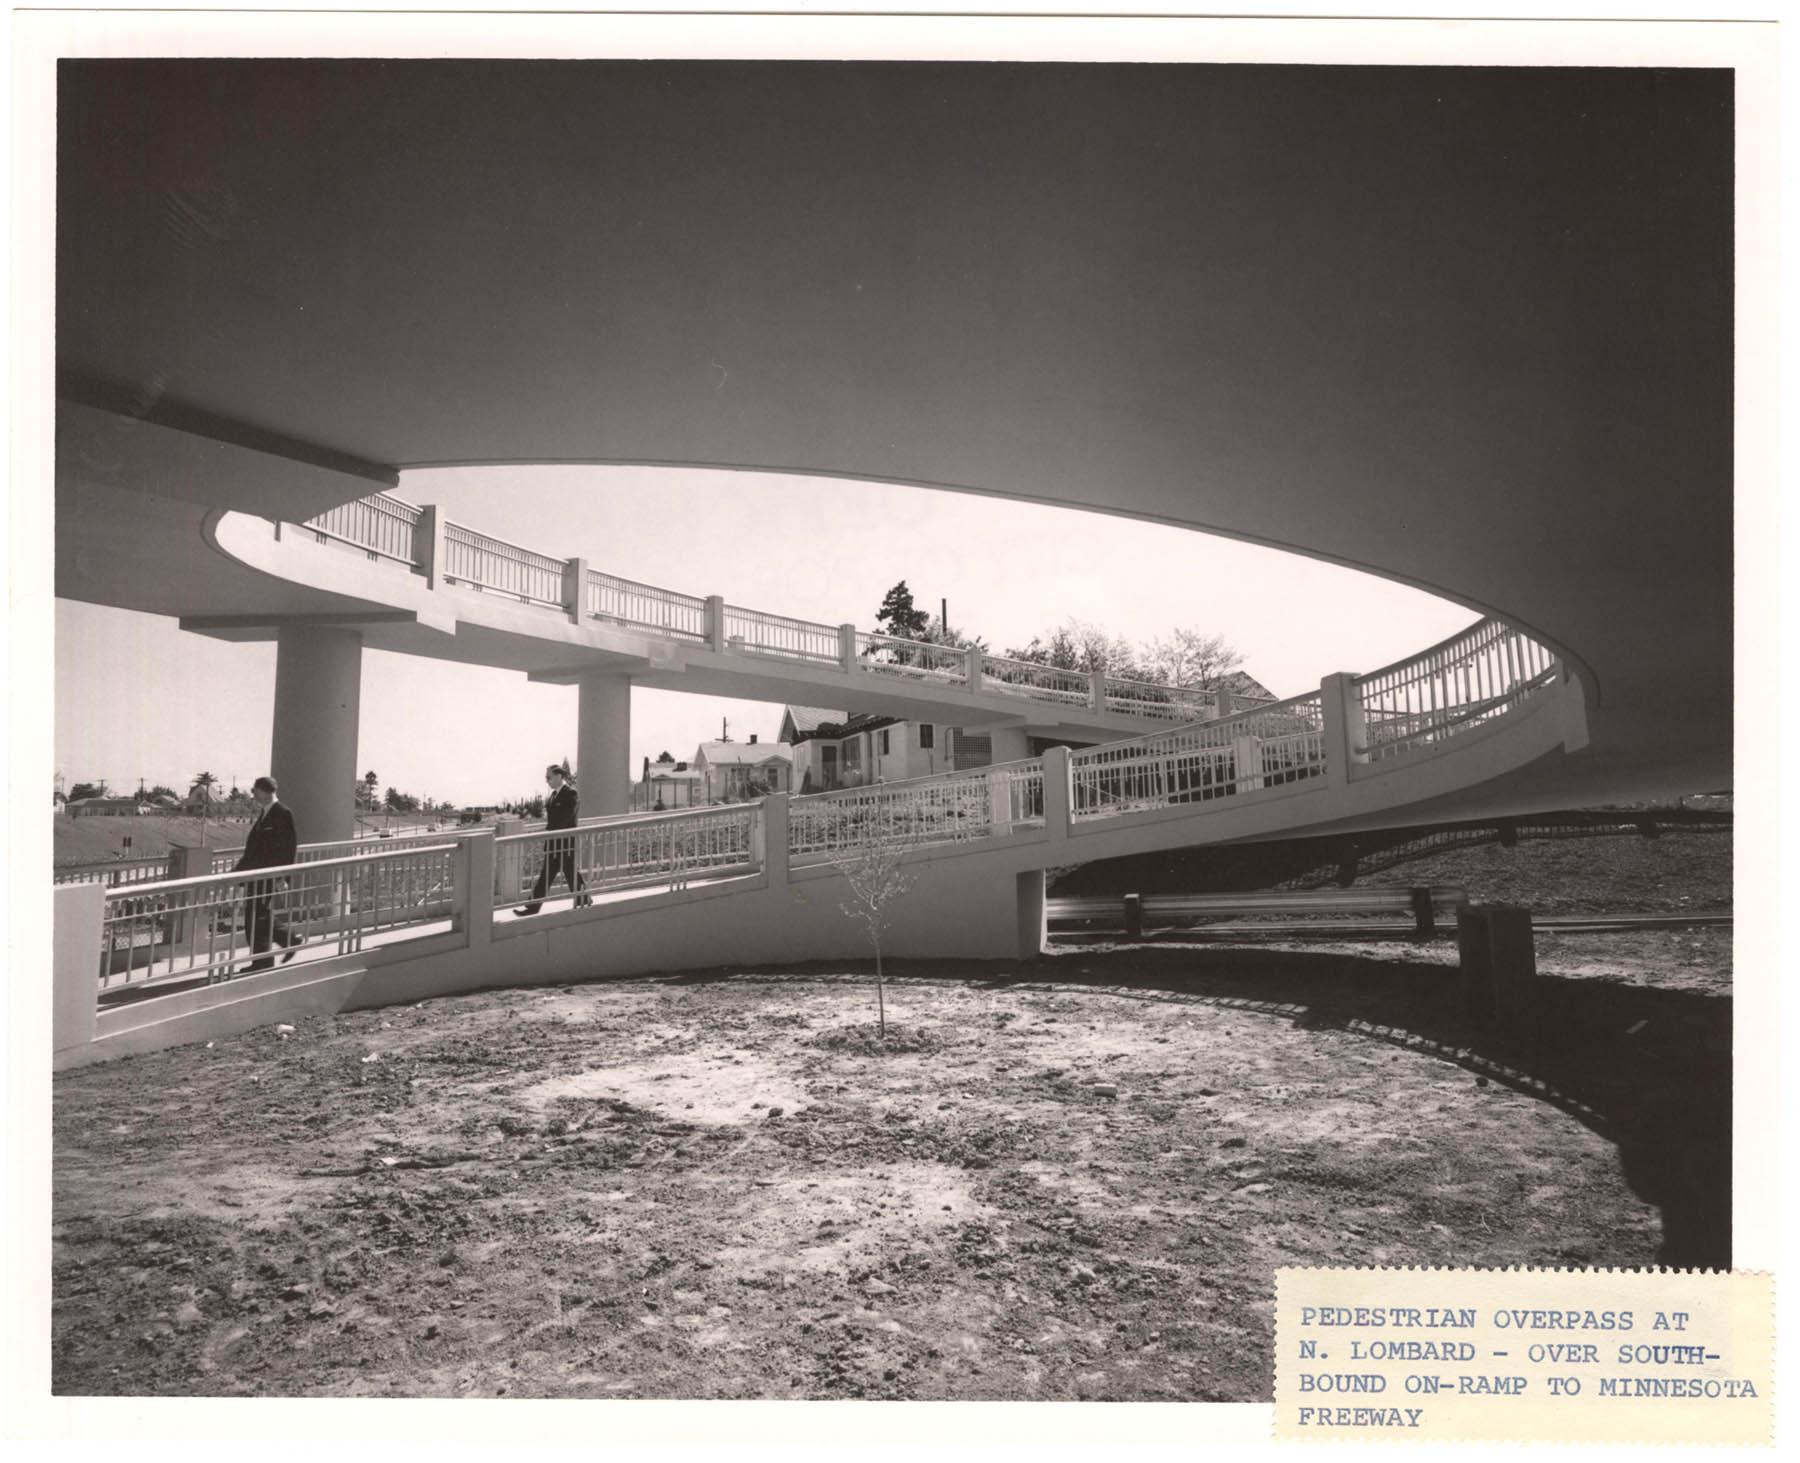 A2005-001.384 N Lombard St pedestrian overpass 1965